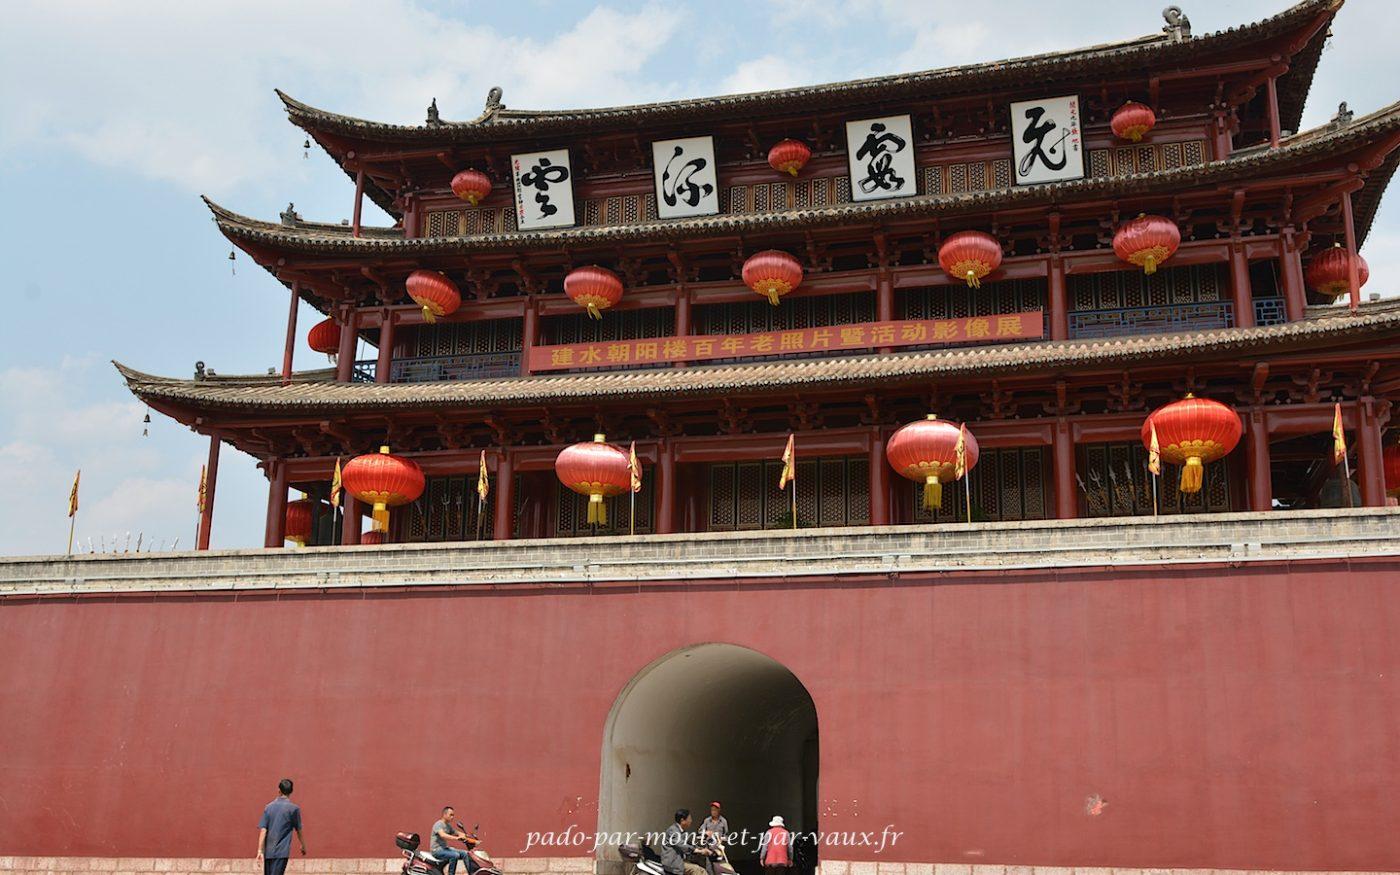 Jianshui - Chaoyang gateway arch